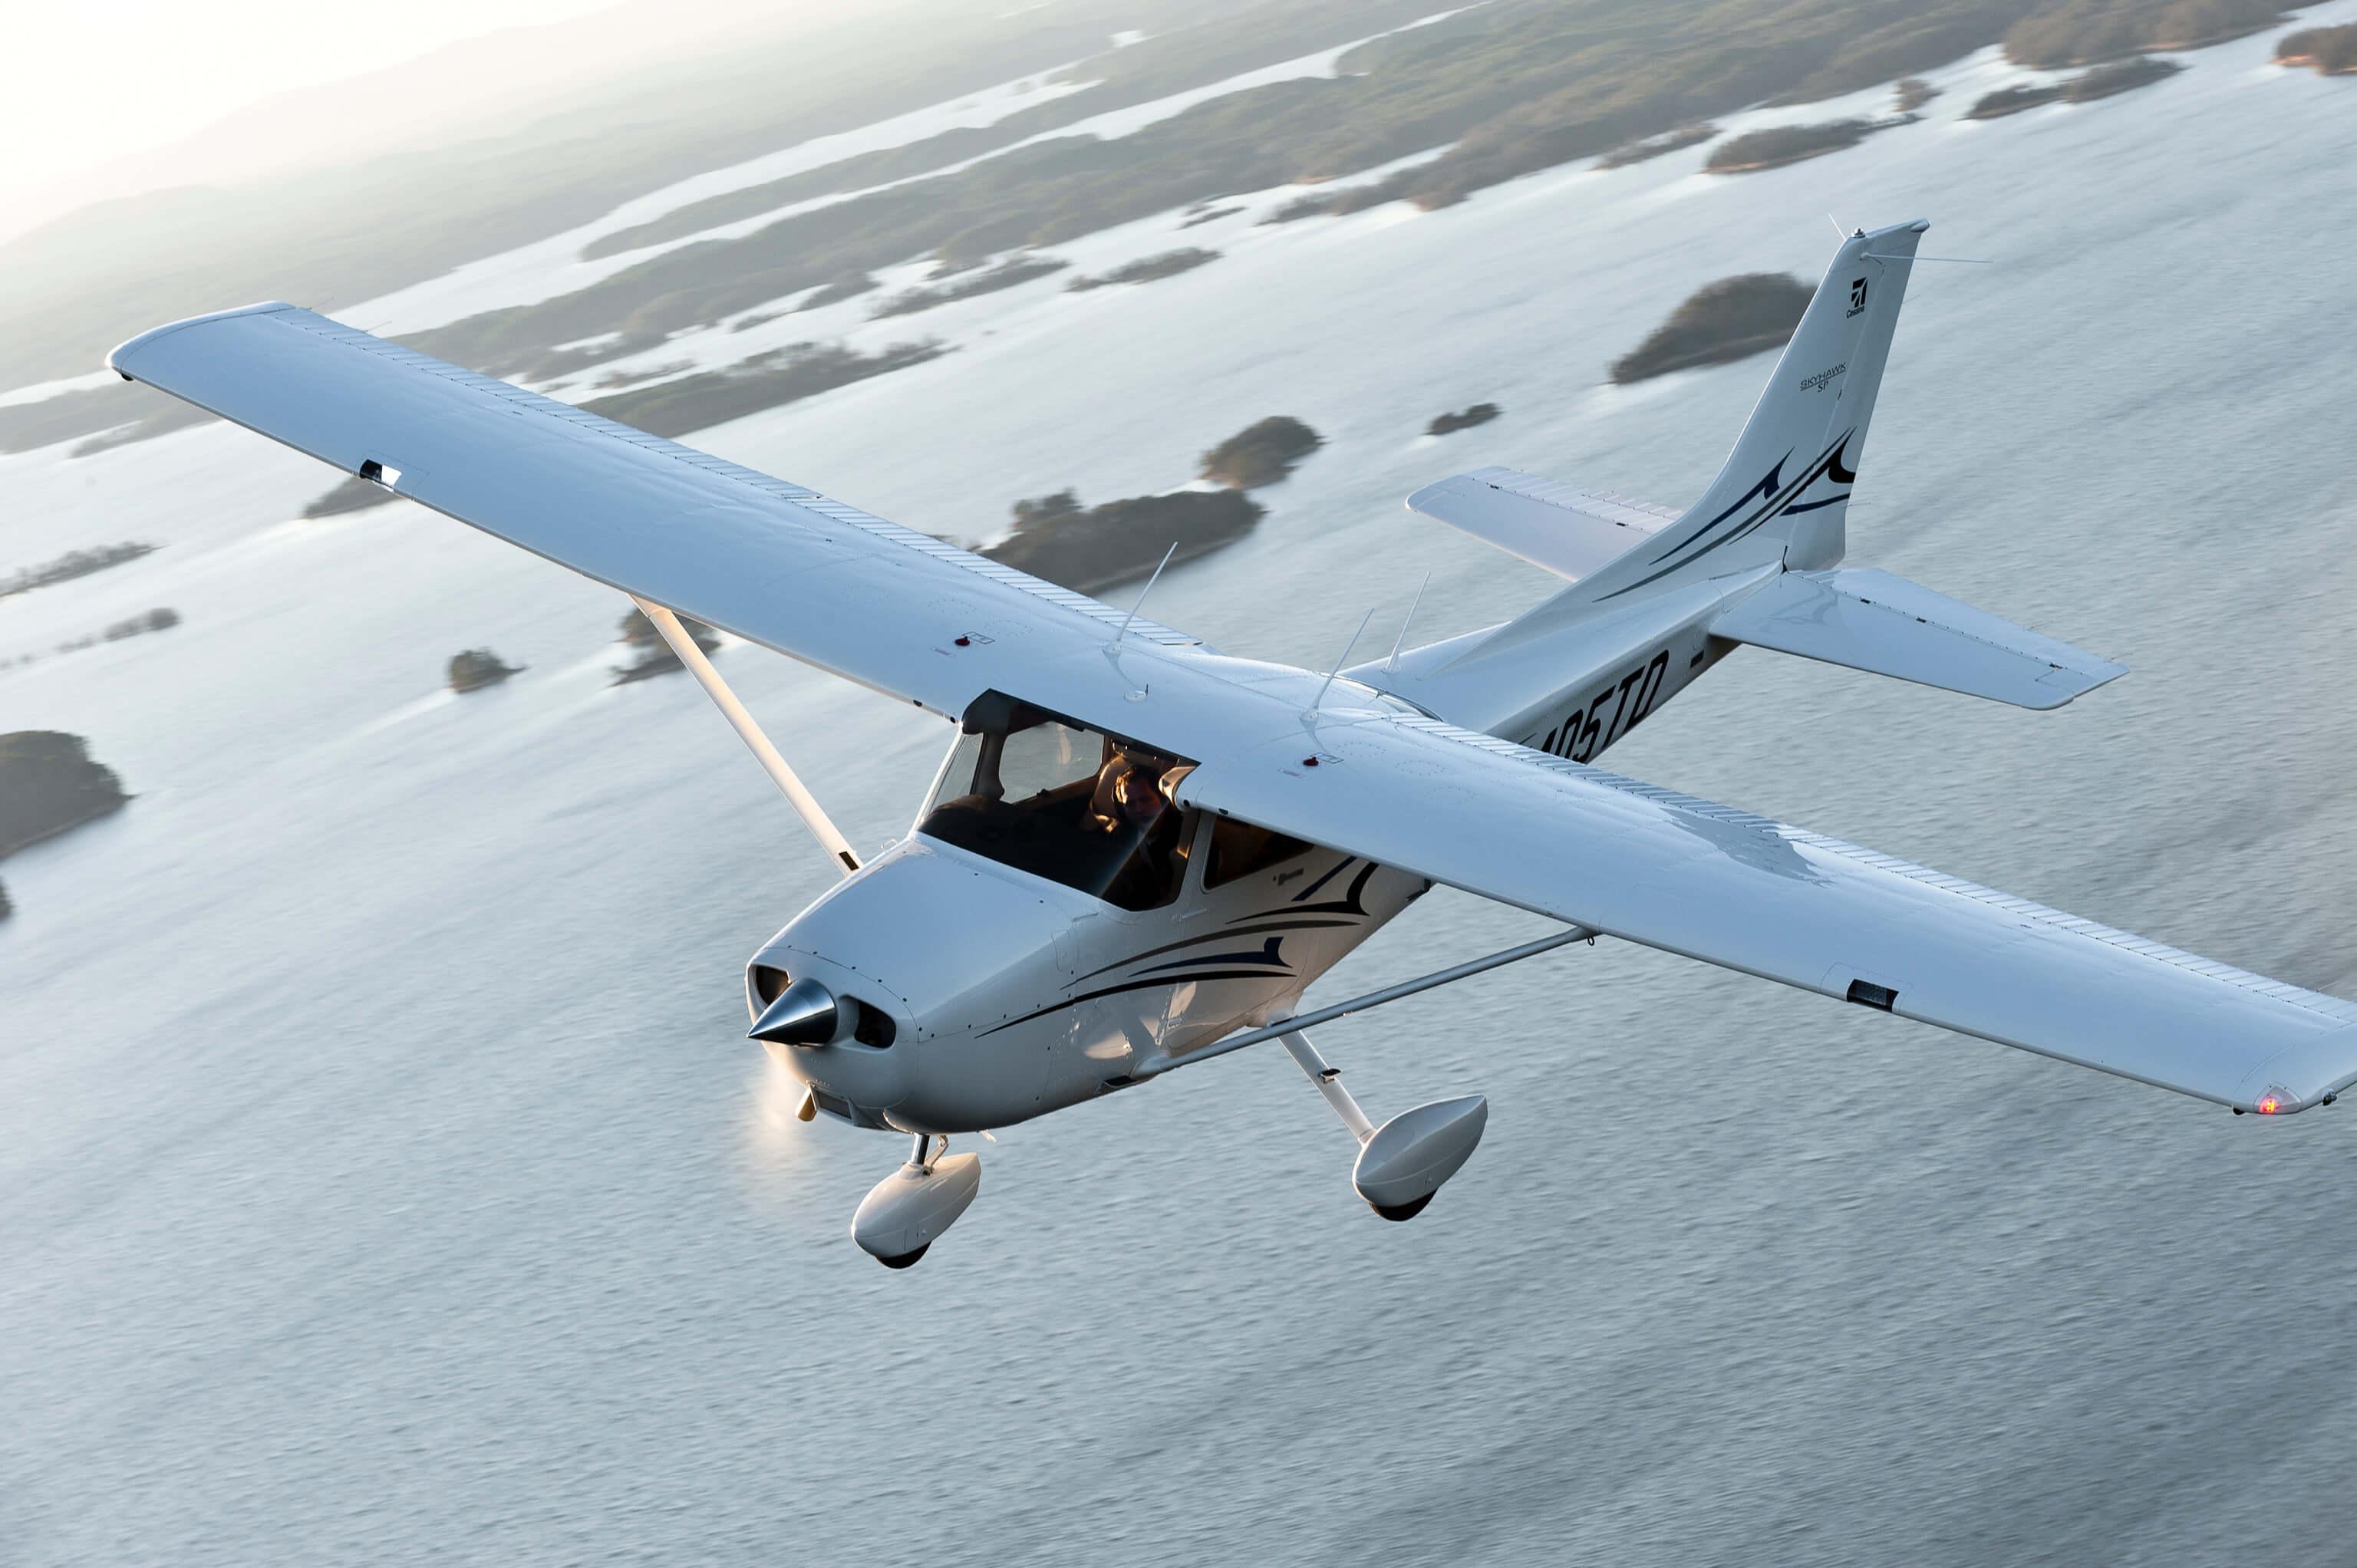 Skyhawk Image